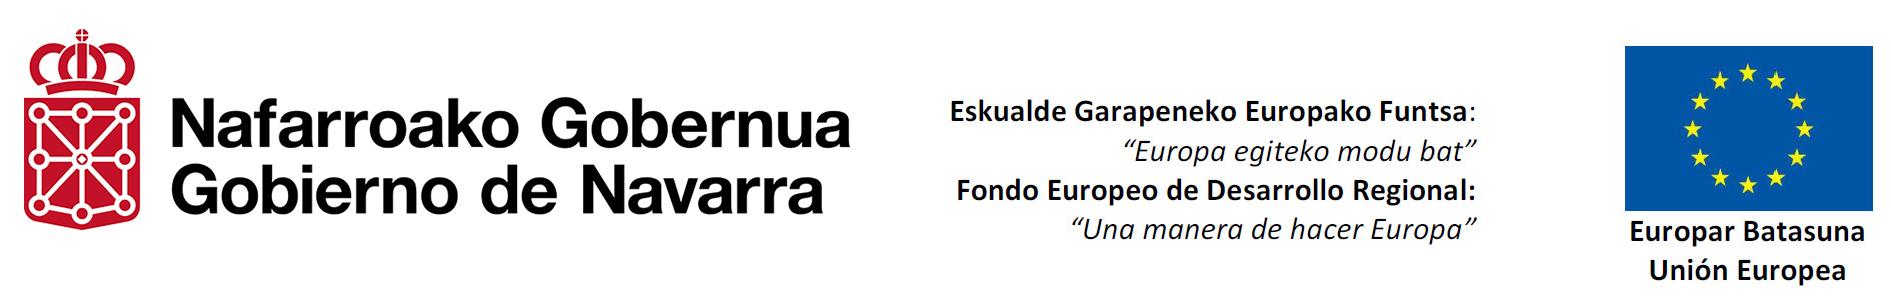 Esta empresa ha recibido ayudas cofinanciadas al 50% por el Fondo Europeo de Desarrollo Regional a través del Programa Operativo FEDER 2014-2020 de Navarra